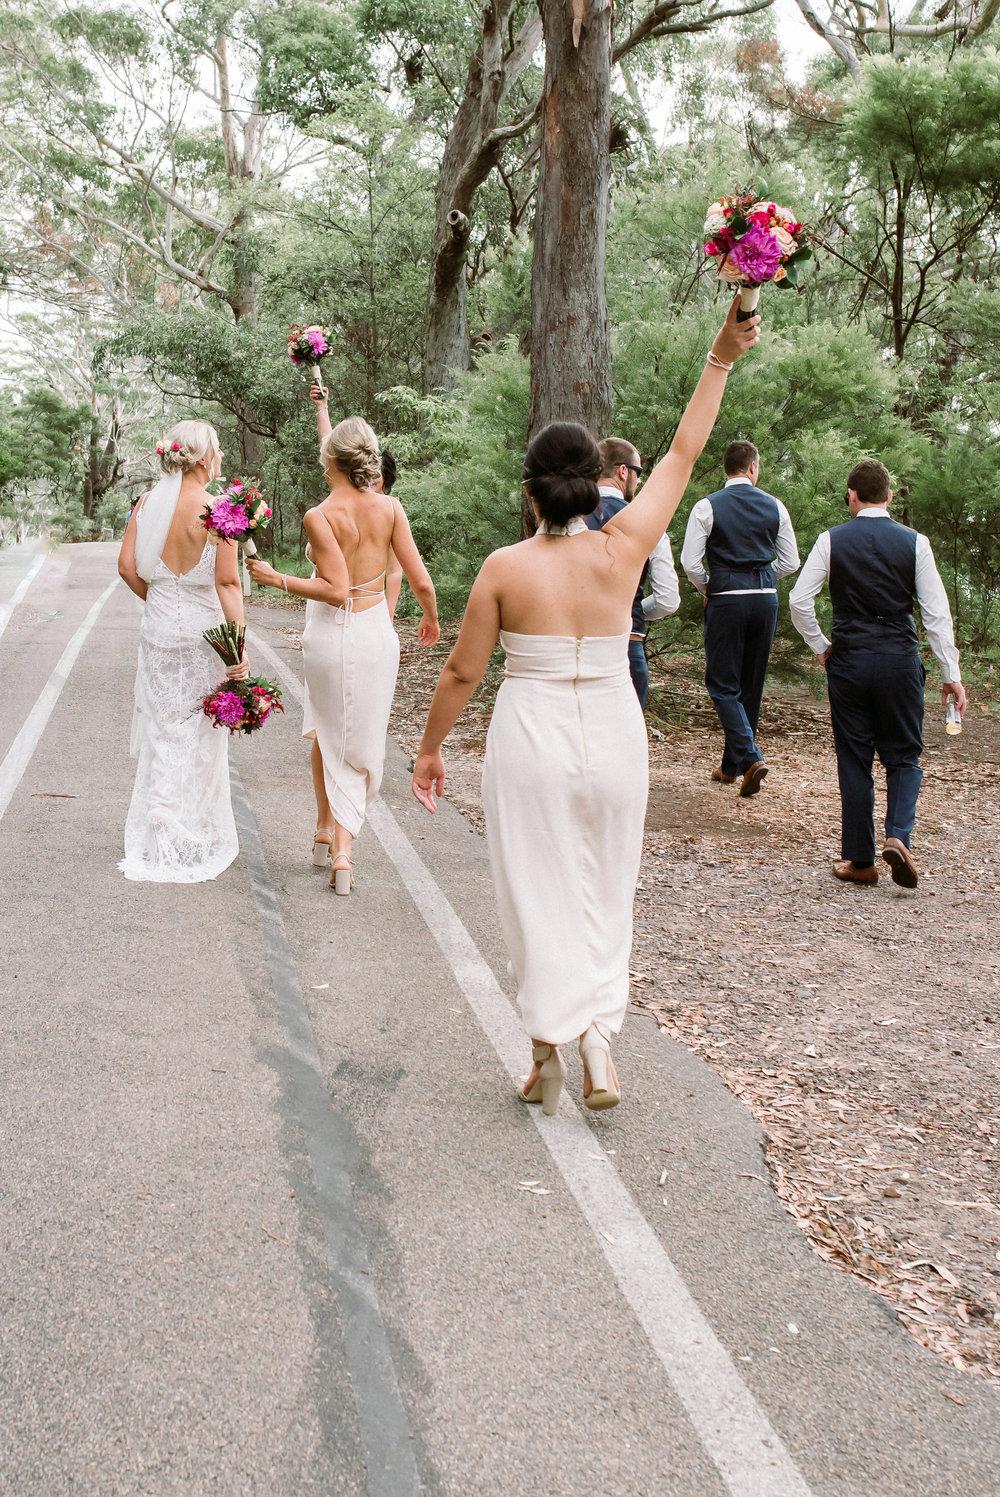 LITTLE-BEACH-WEDDING-MARCHANT-925.jpg